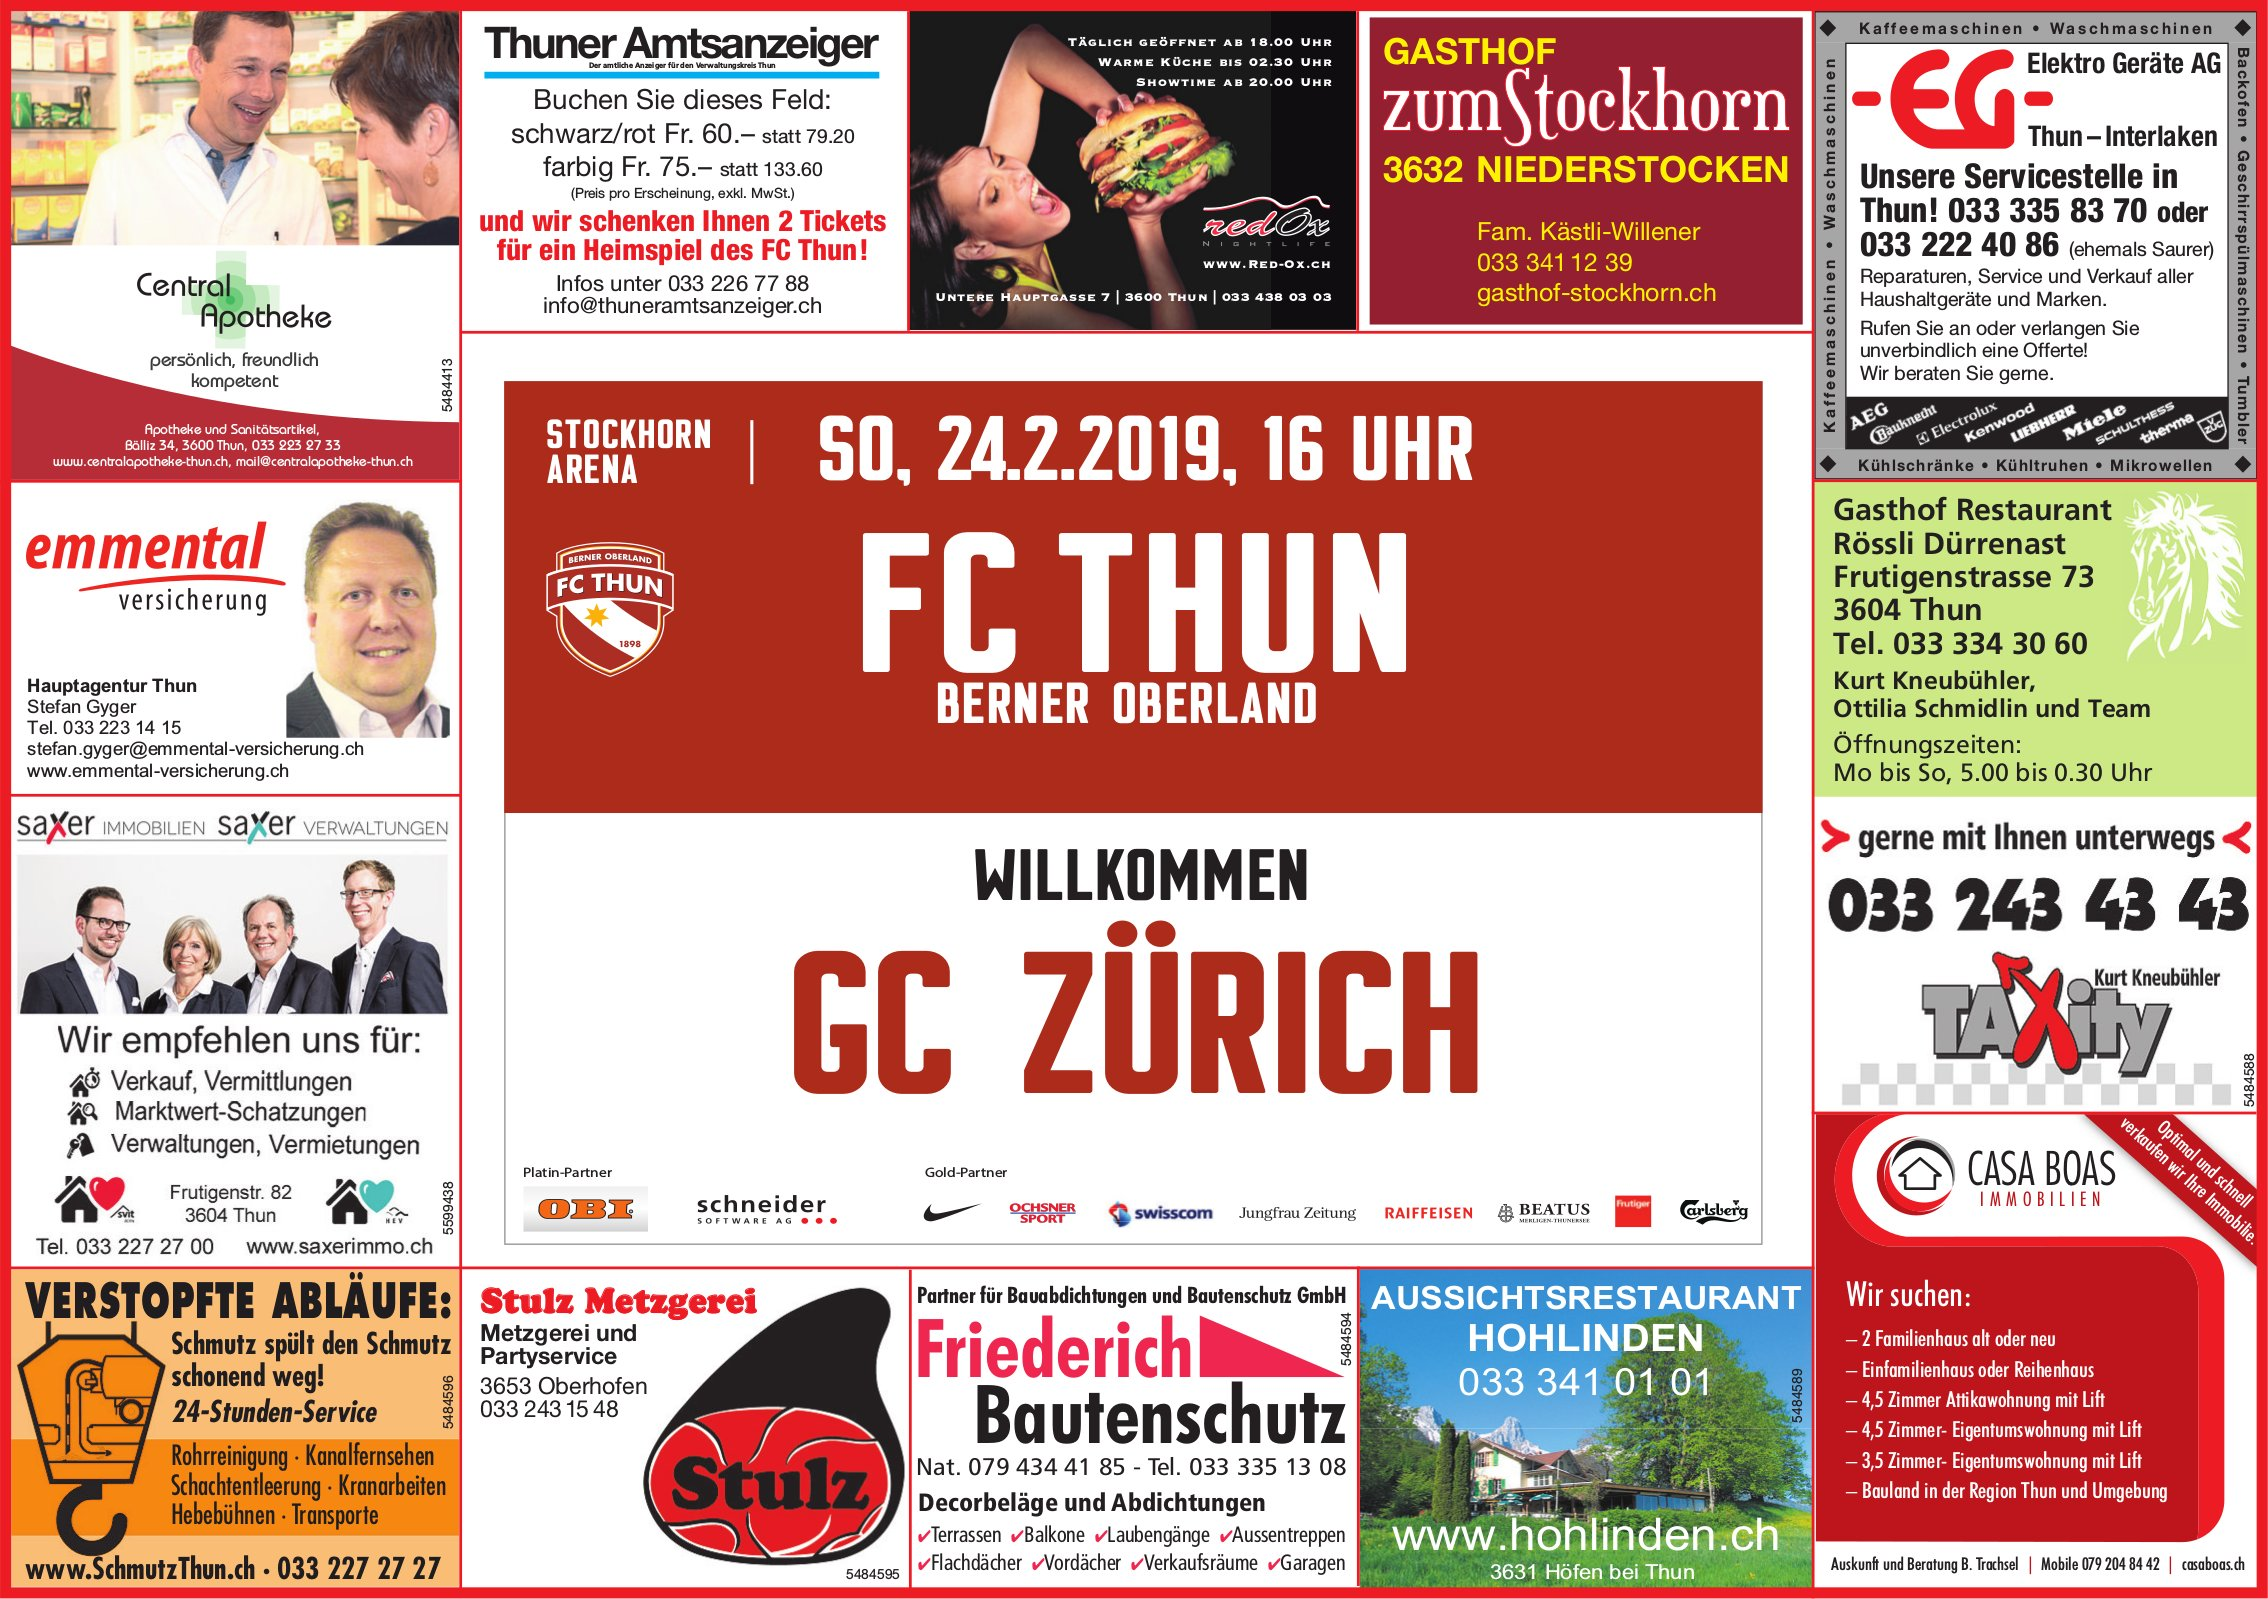 FC THUN BERNER OBERLAND WILLKOMMEN GC ZÜRICH AM 24. FEBRUAR